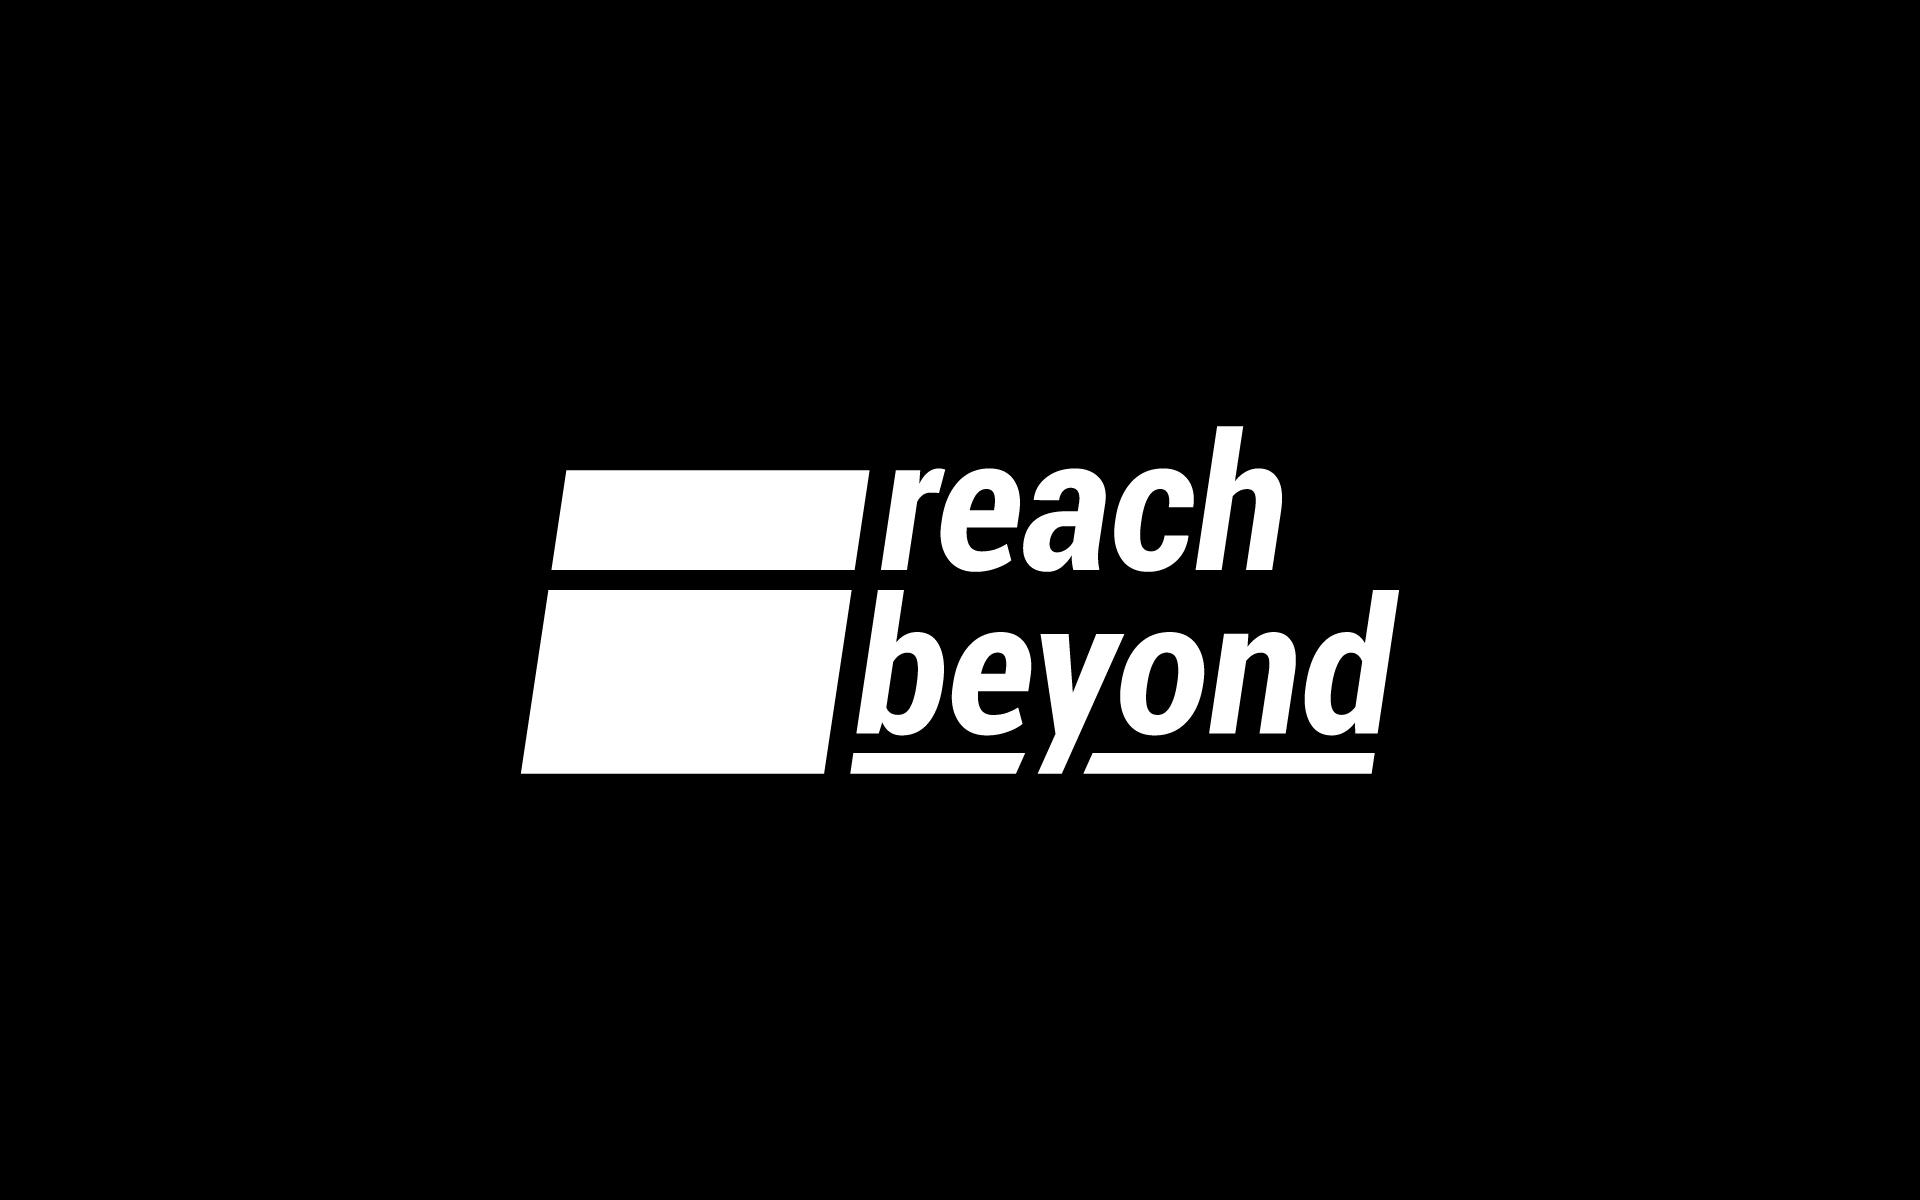 Logo-and-Brandmark-Designs-4.jpg